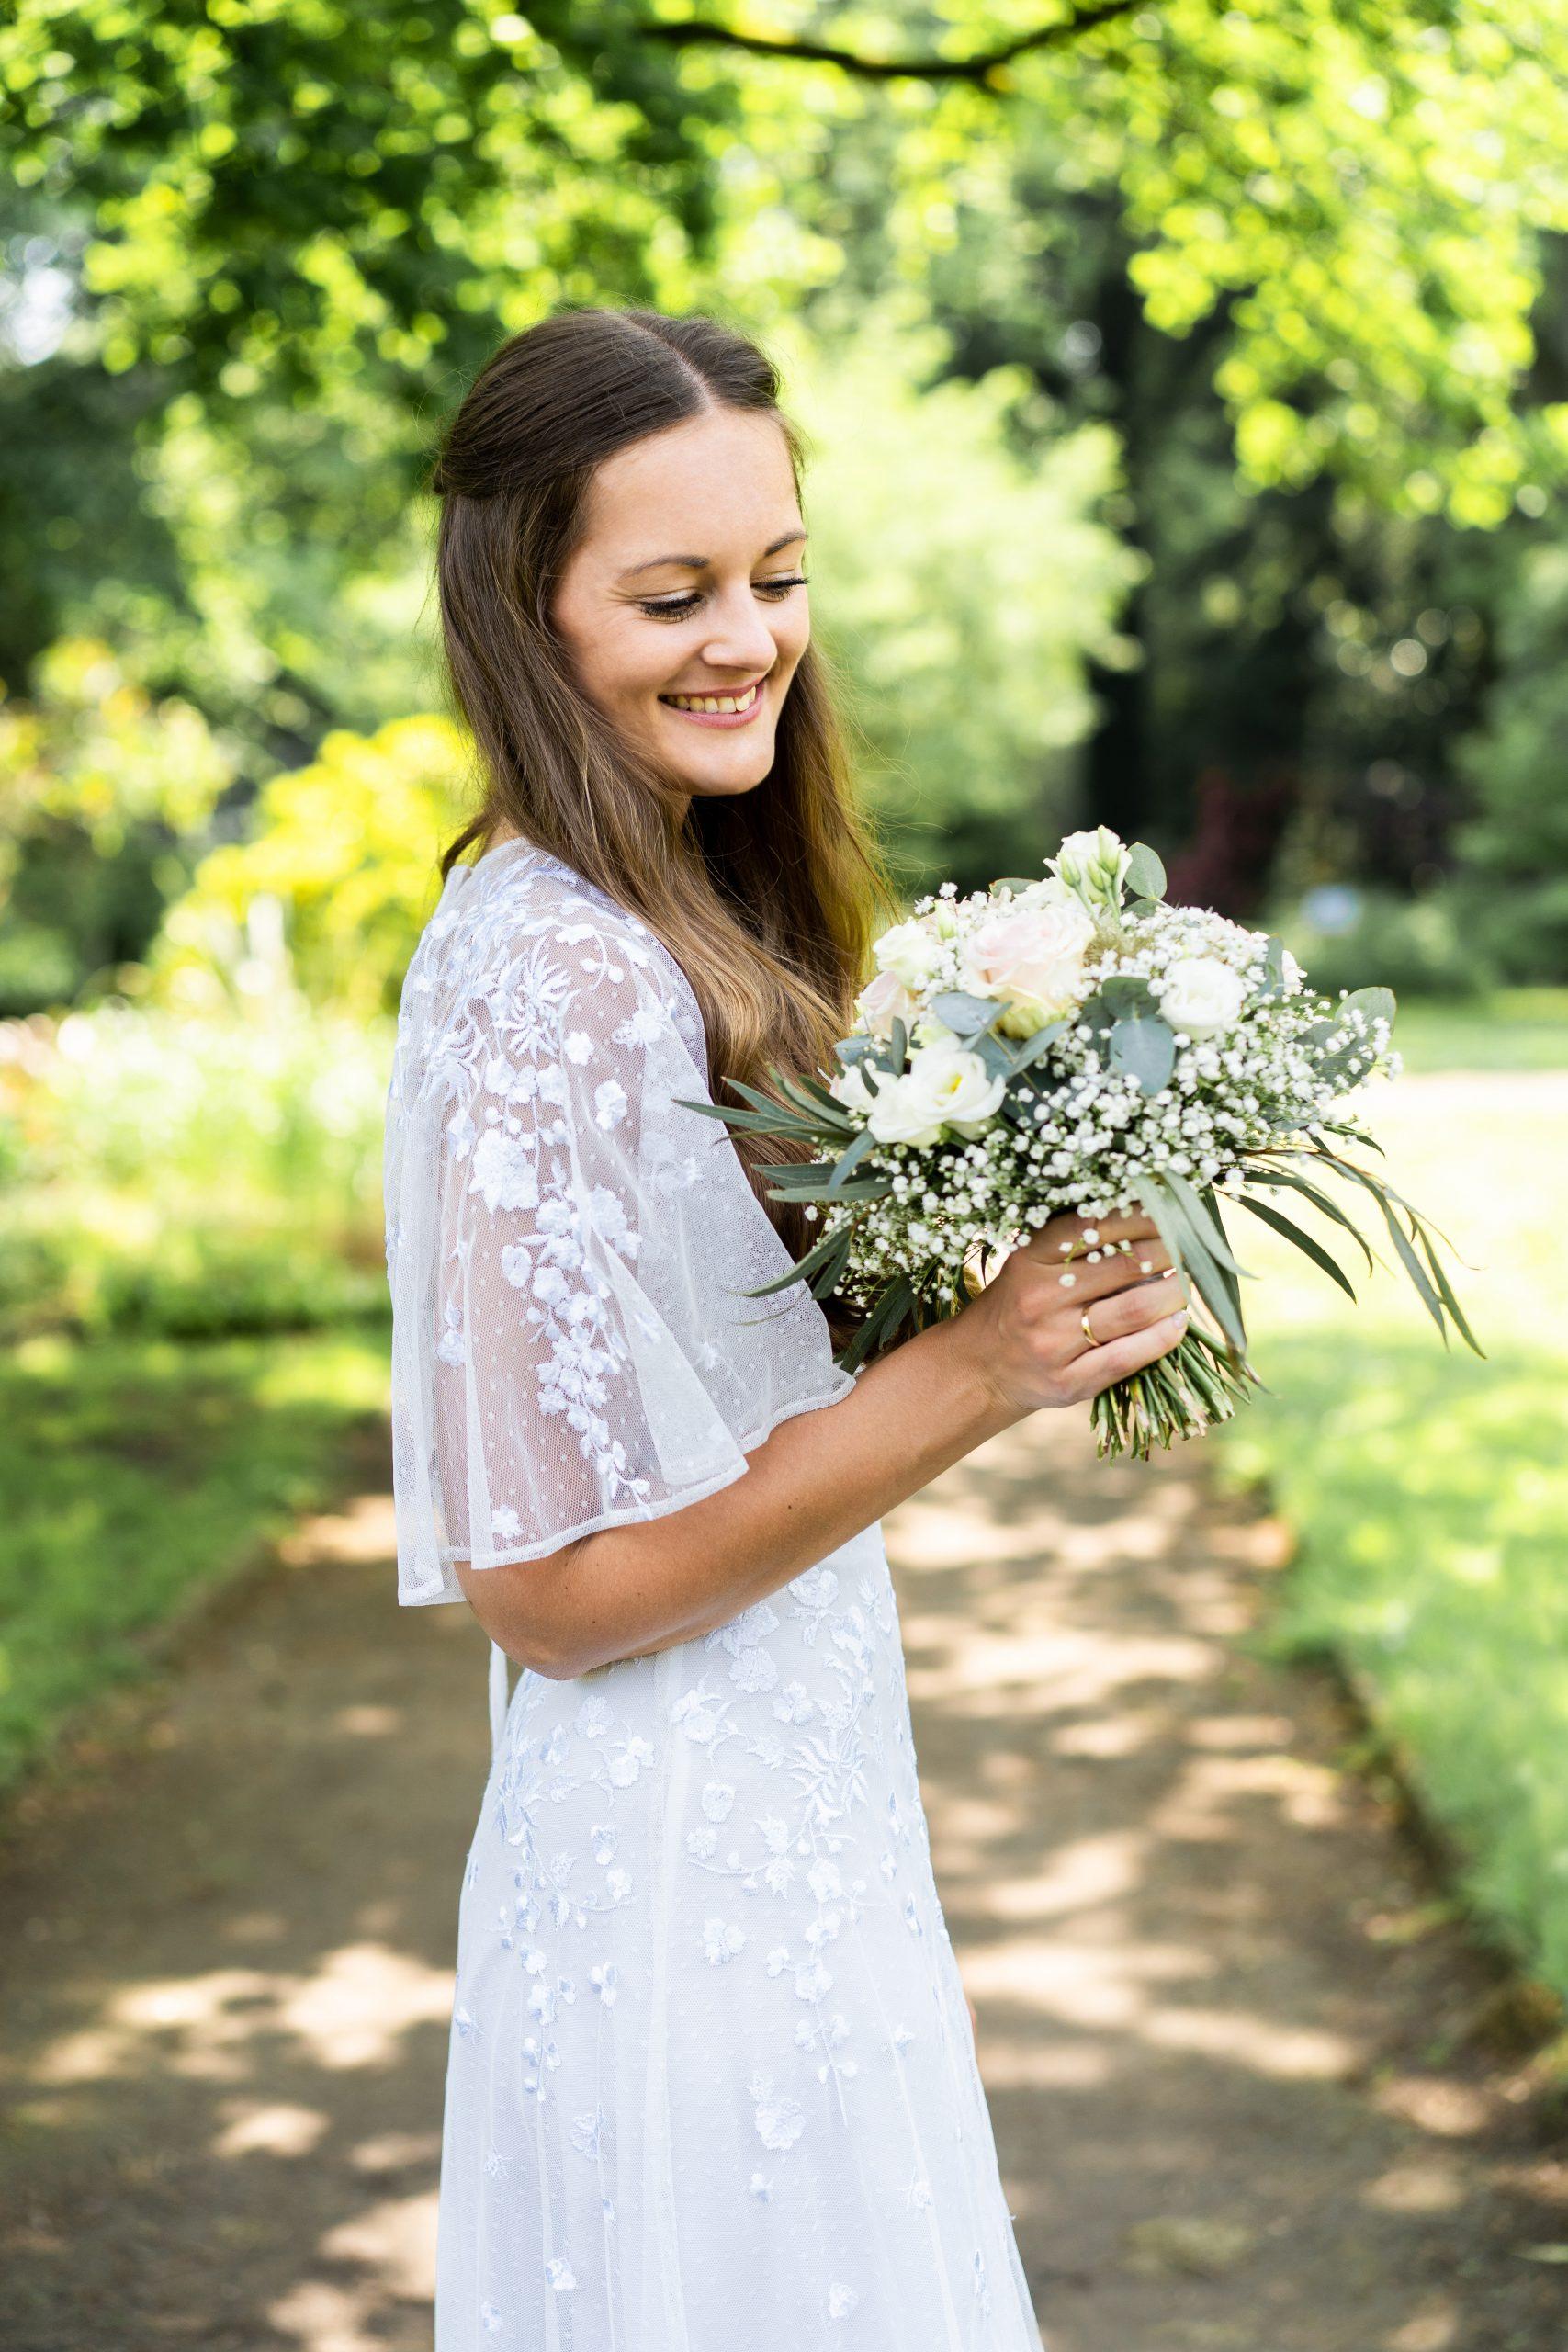 Braut Brautshooting Brautfotografie Brautstrauß Hochzeit Fotografin Outdoorshooting Wedding